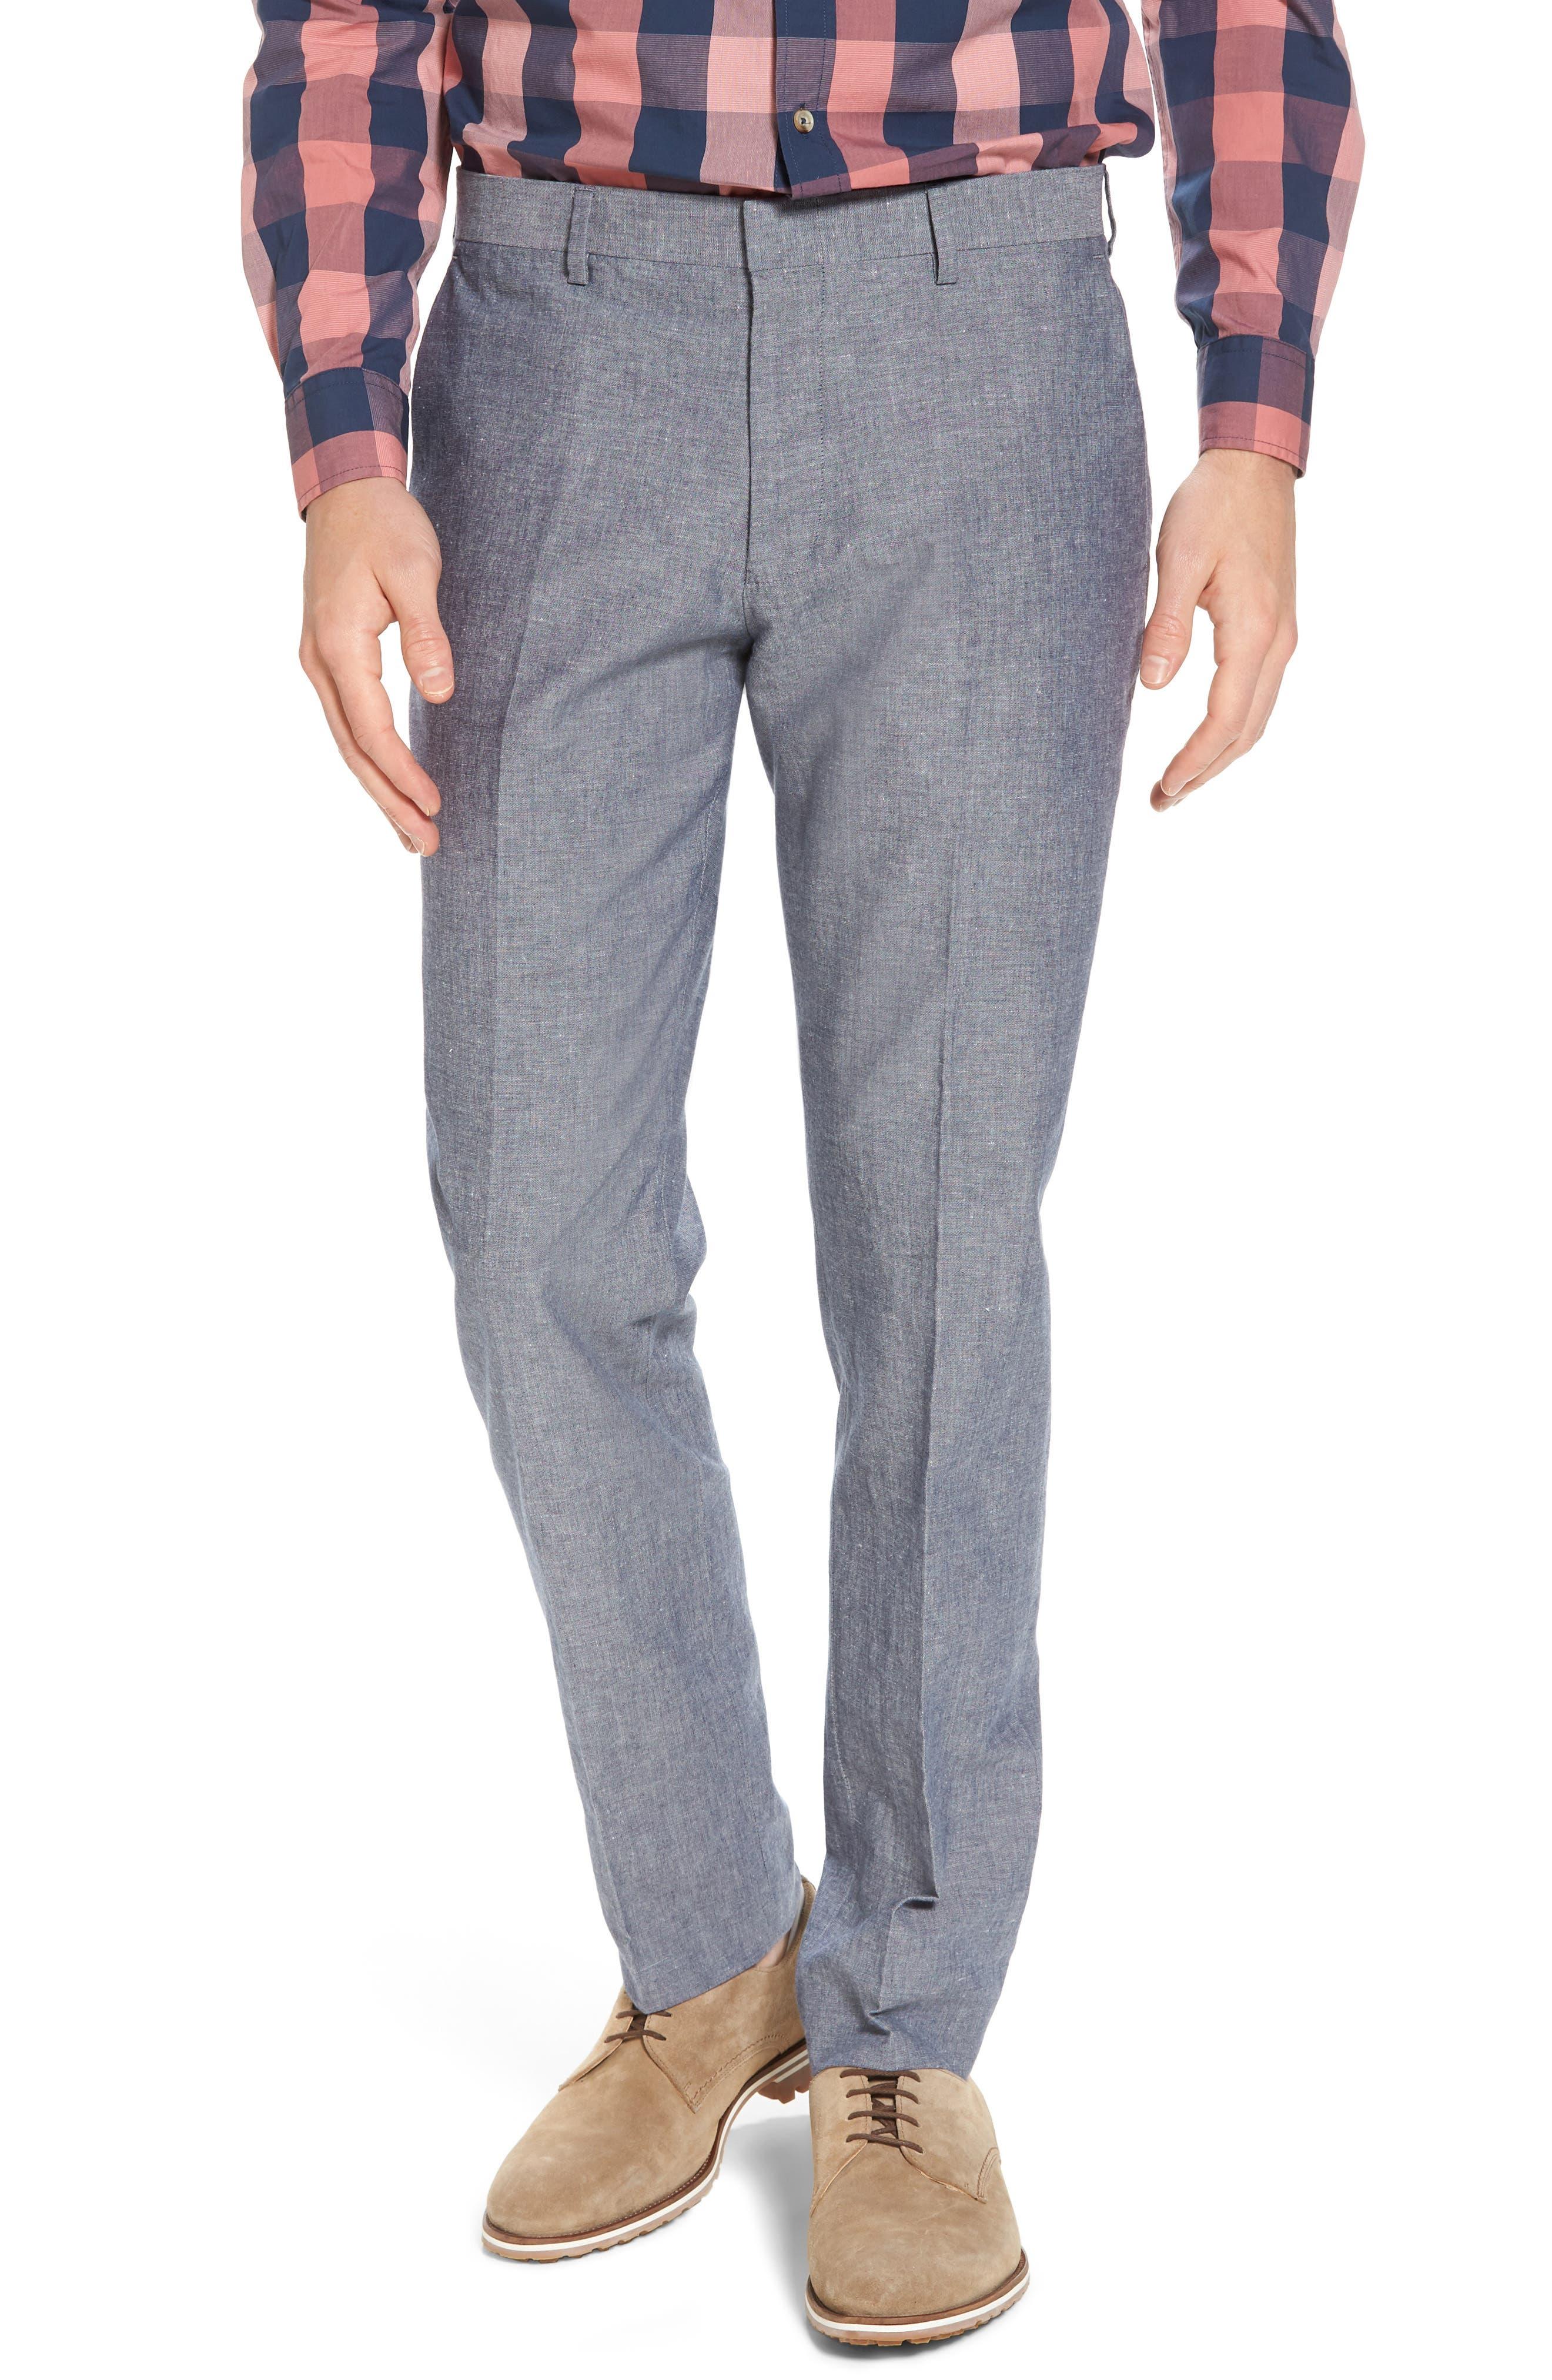 J.Crew Ludlow Trim Fit Cotton & Linen Suit Pants